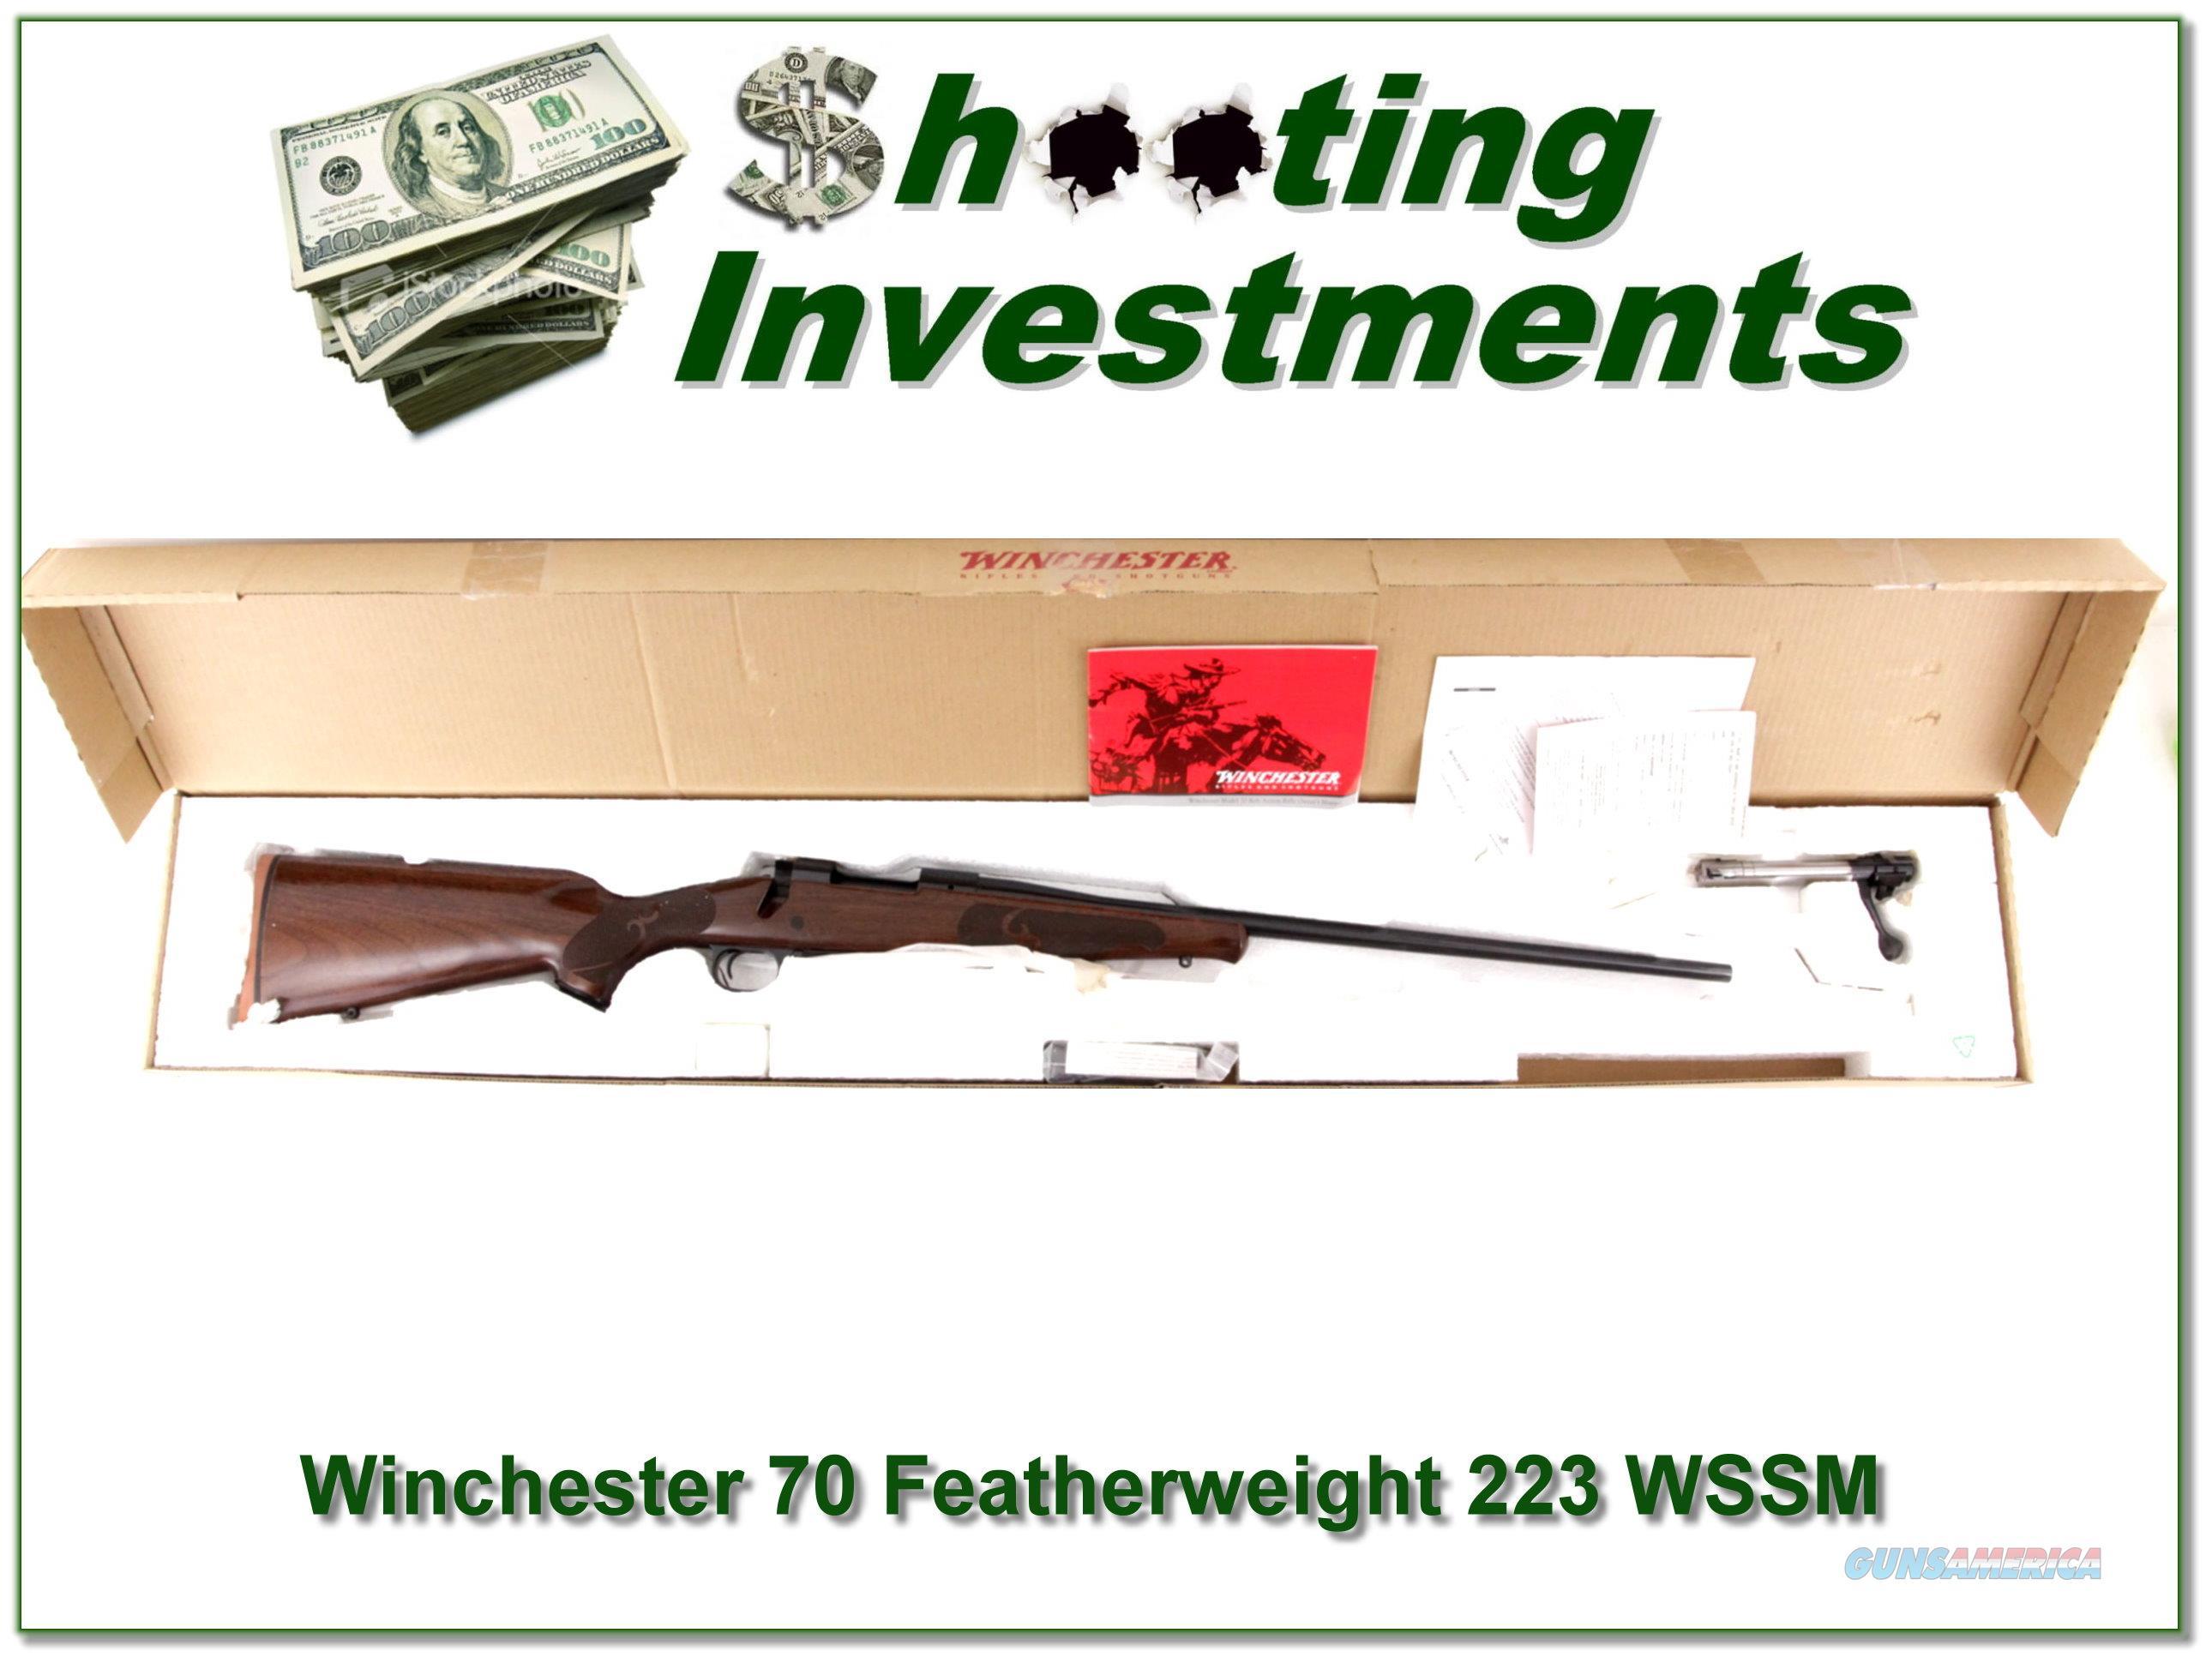 Winchester Model 70 Featherweight RARE 223 WSSM  Guns > Rifles > Winchester Rifles - Modern Bolt/Auto/Single > Model 70 > Post-64